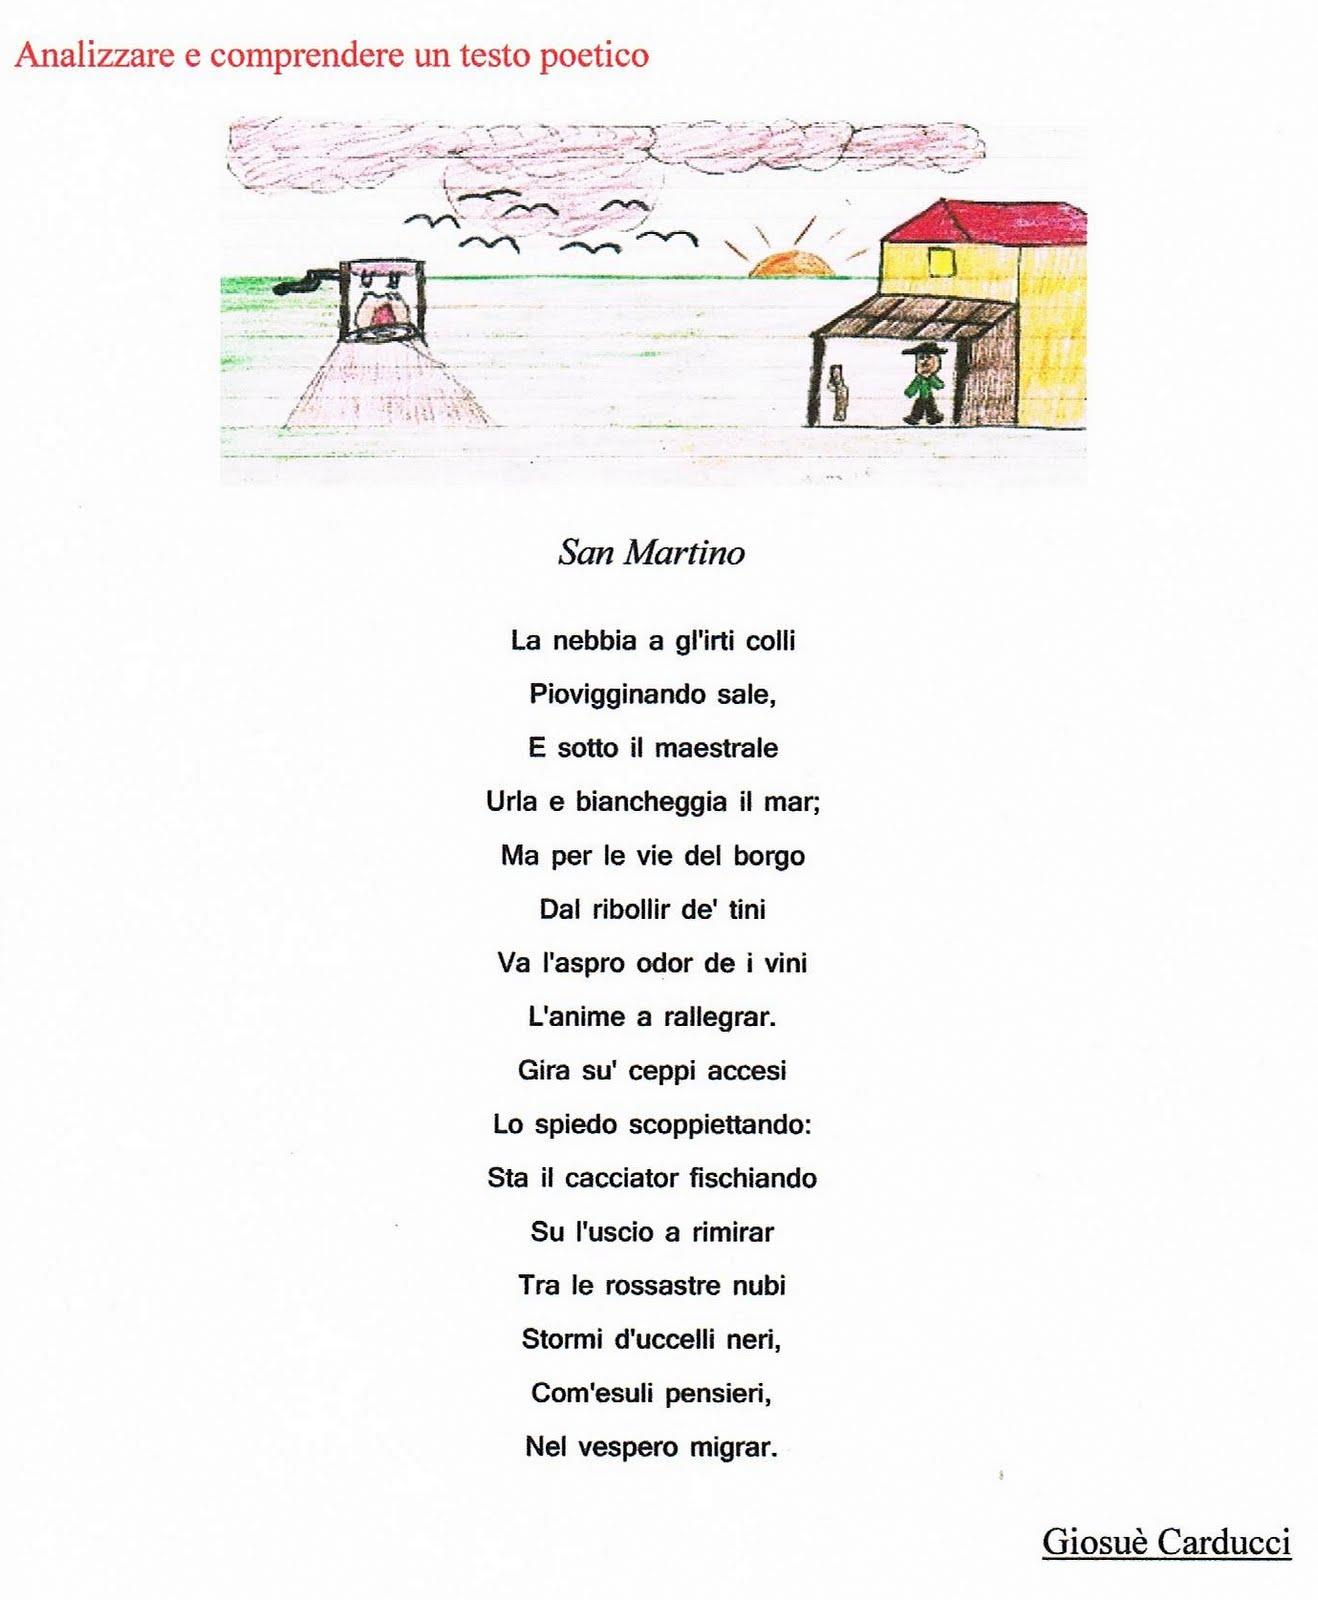 Analizzare e comprendere un testo poetico san martino for Immagini da colorare di san martino